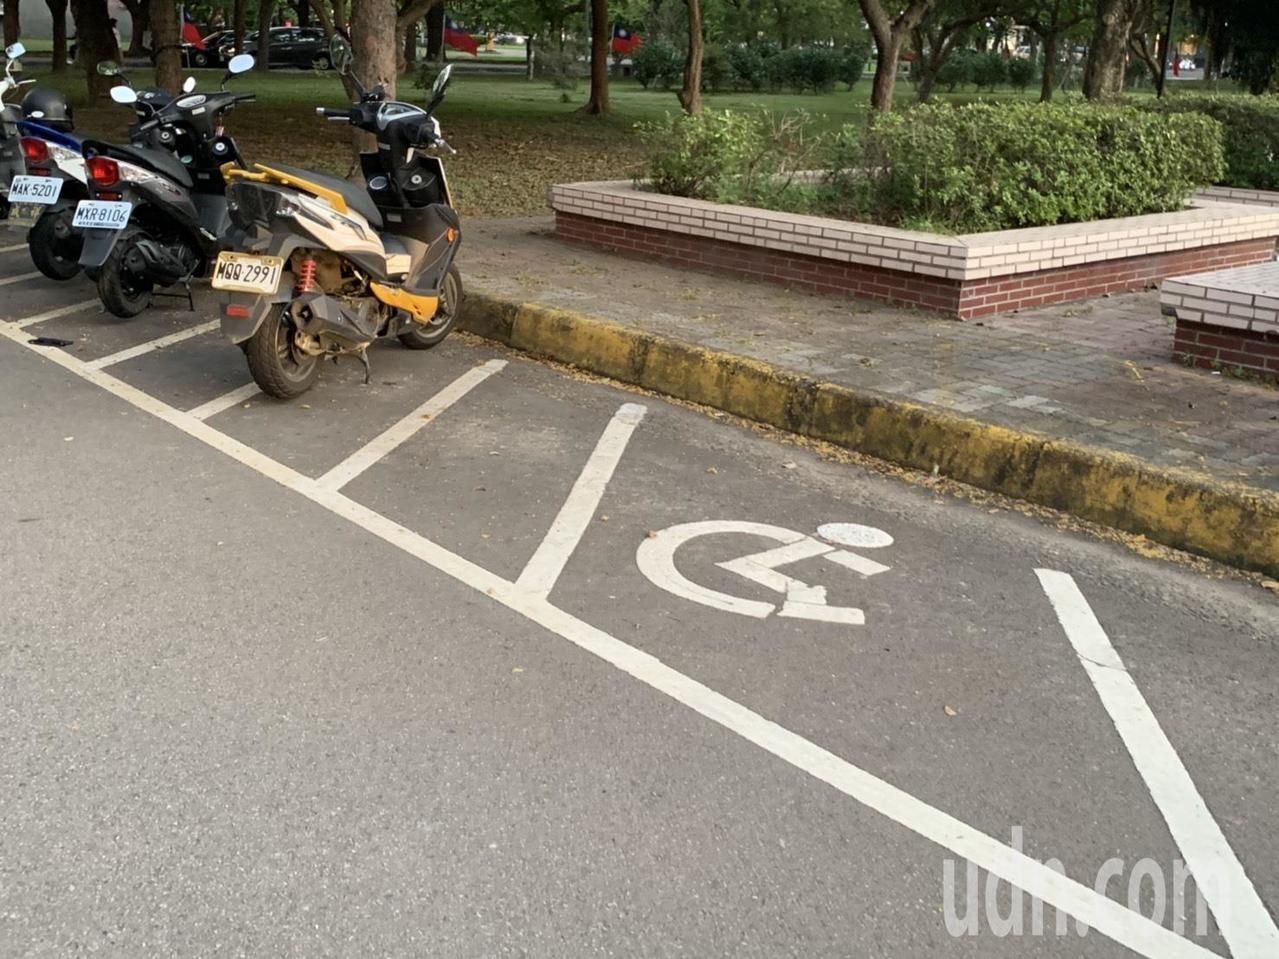 新竹縣的身障人口達2萬多人,據縣府統計,公有的無障礙機車停車格卻只有12個。圖/記者陳斯穎攝影